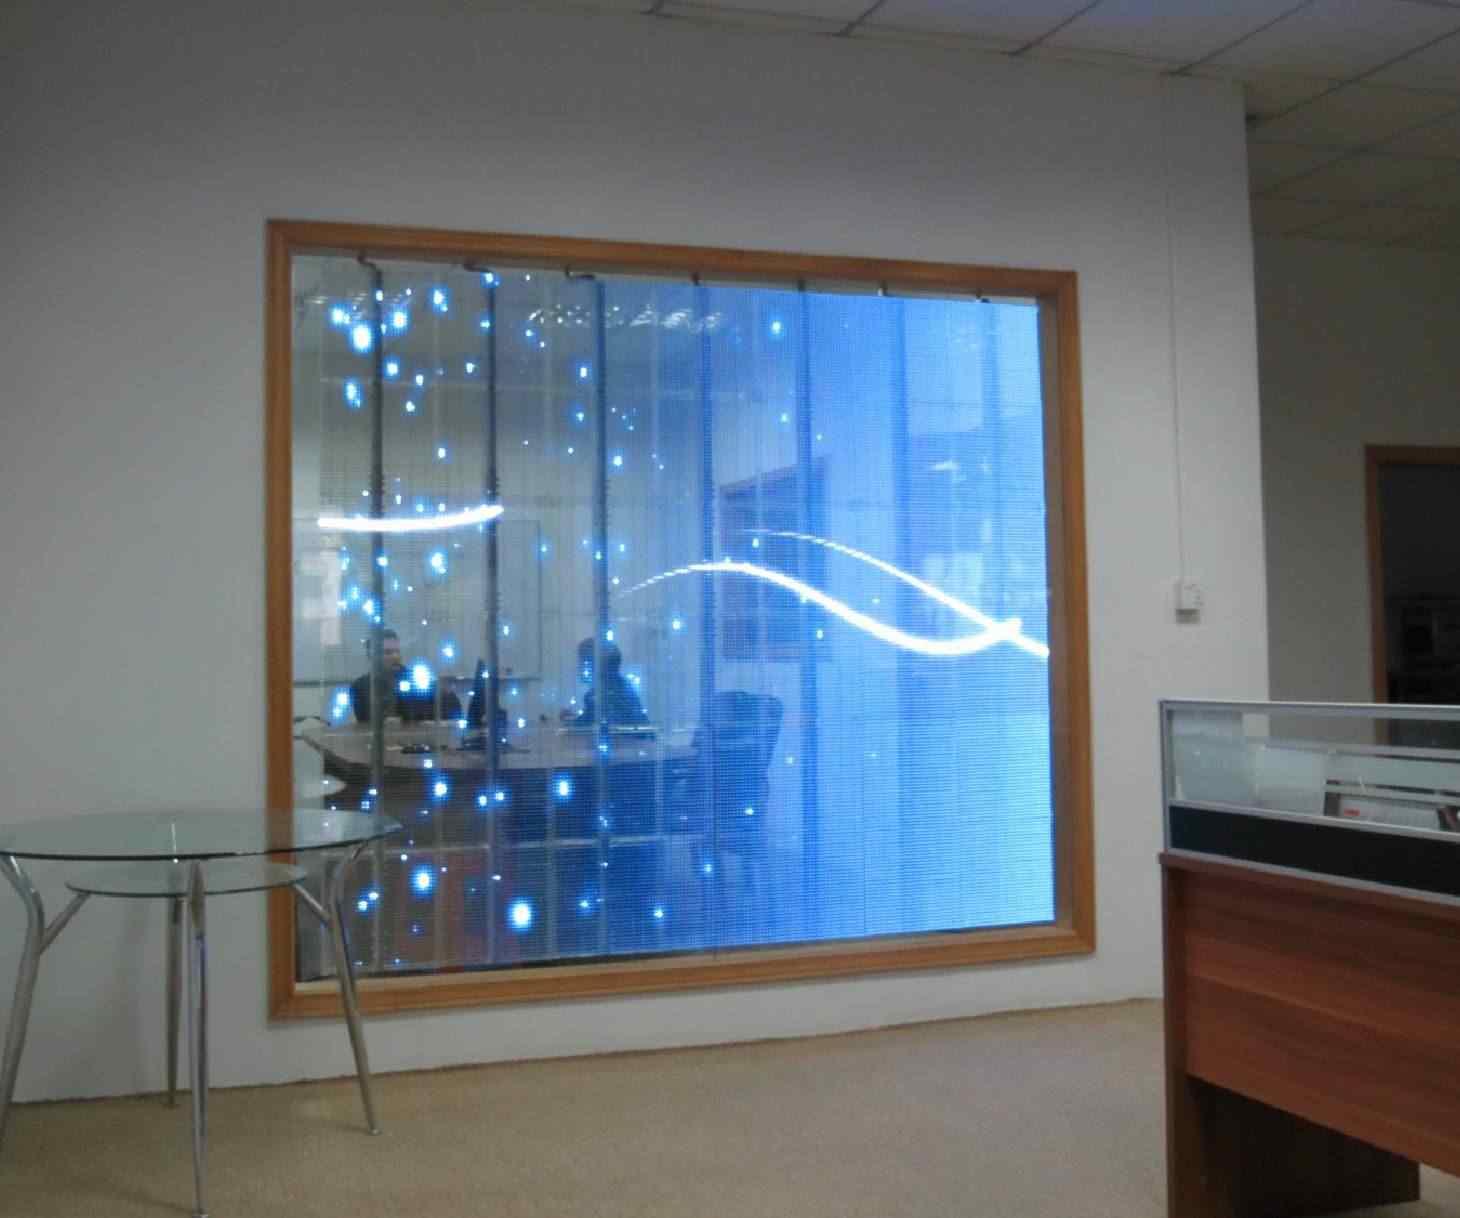 透明led玻璃显示屏图片_led透明玻璃显示屏图片